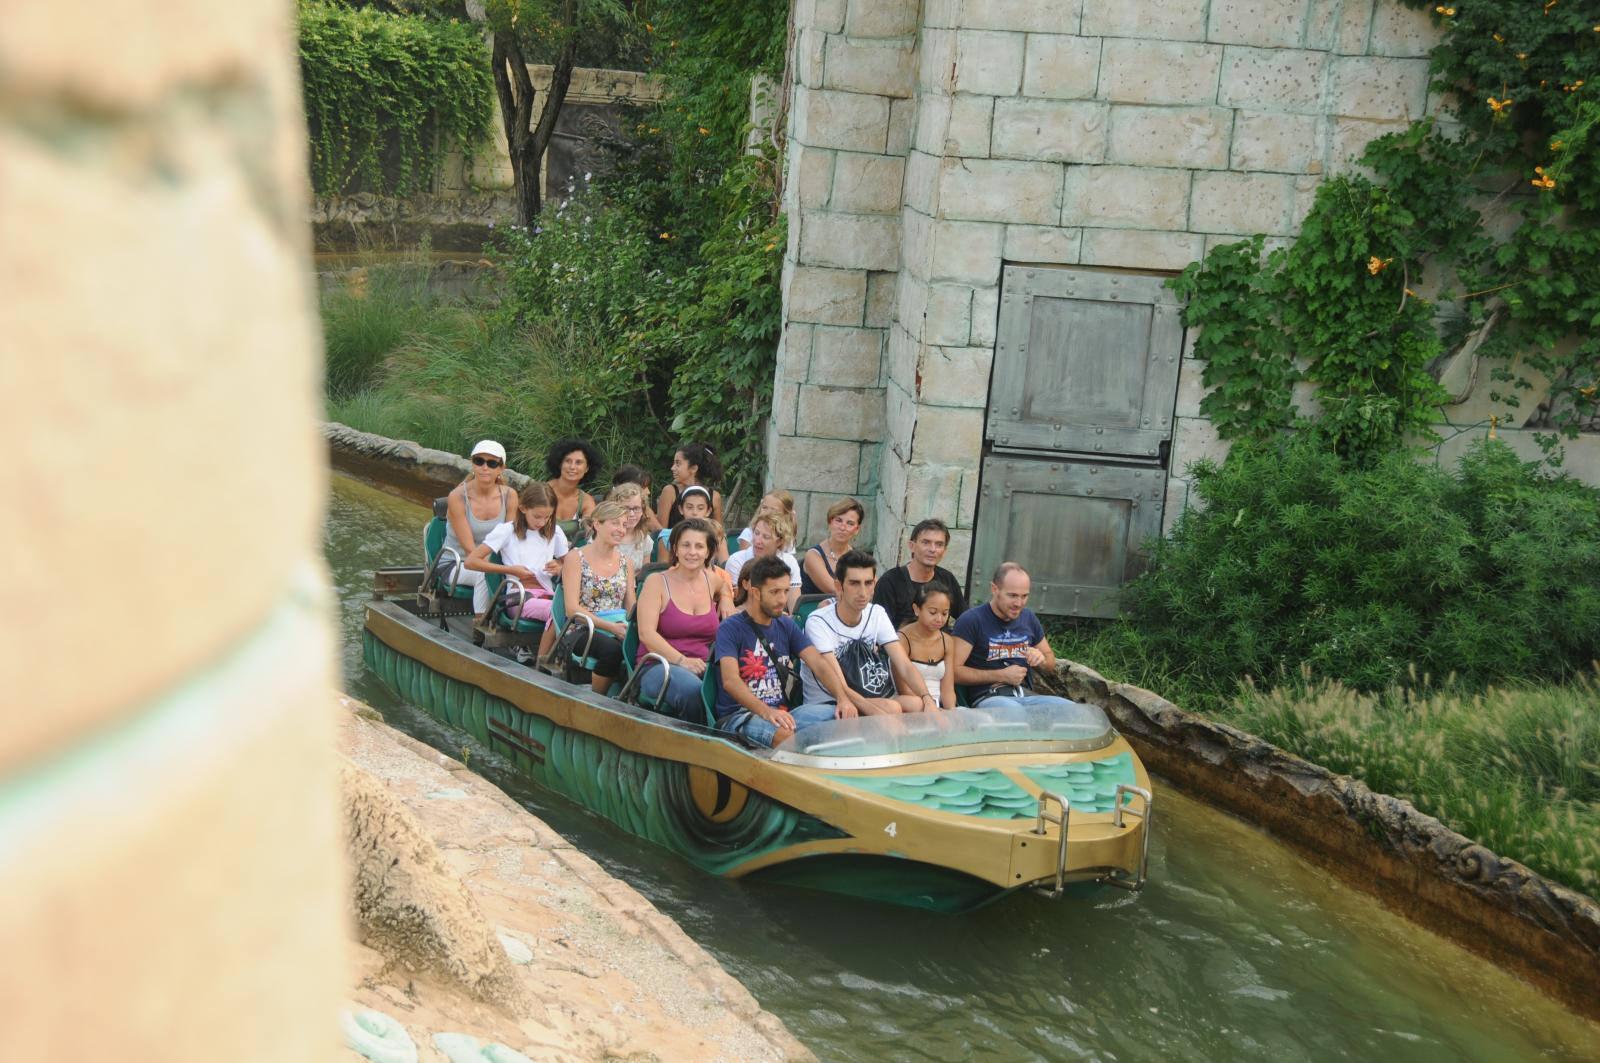 Аттракцион на лодке по тропической реке в парке Гардаленд, Италия